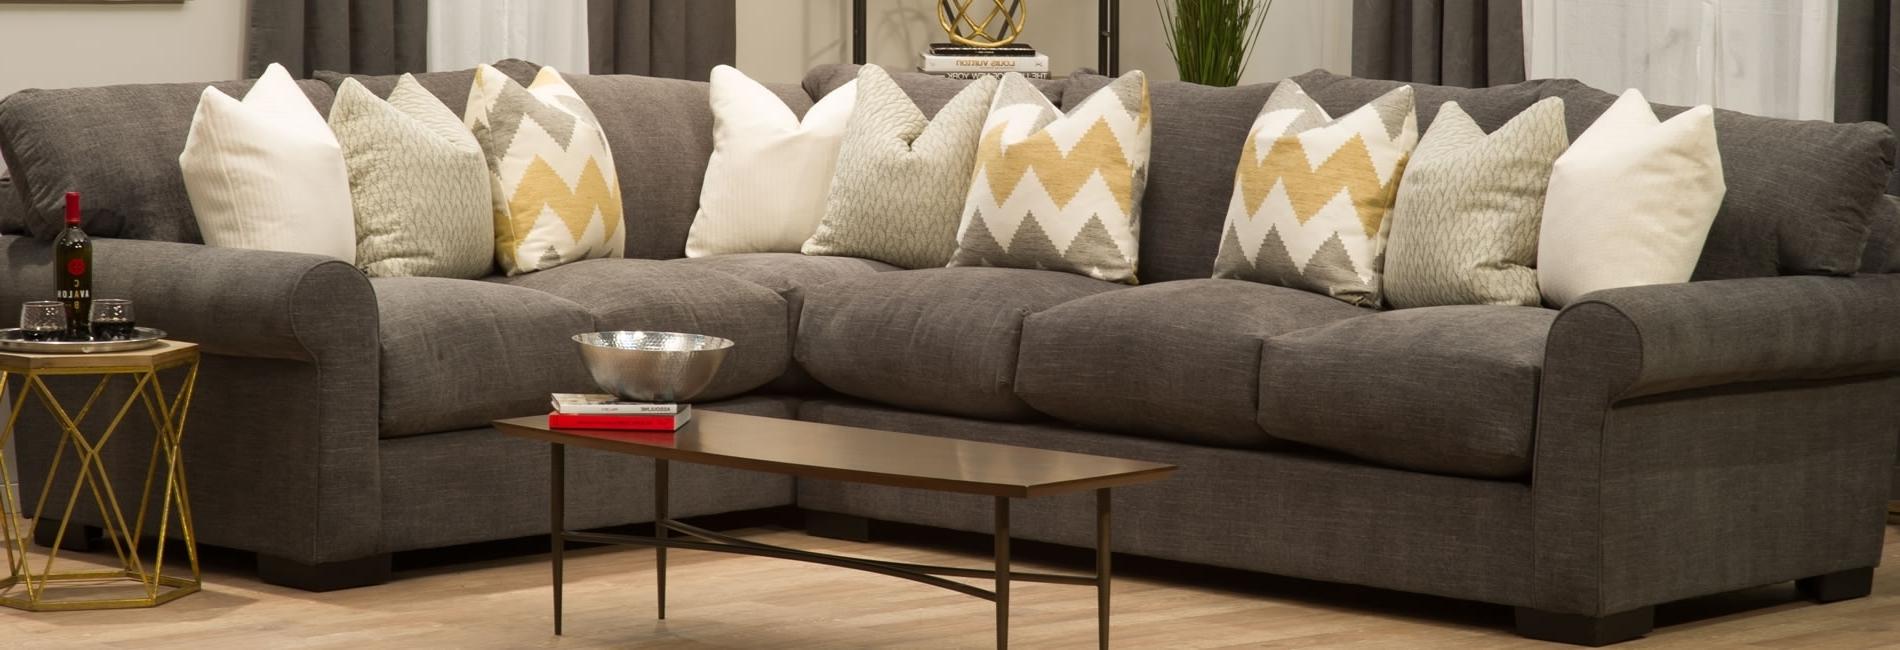 Recent Collection Sectional Sofas Atlanta Ga – Buildsimplehome With Sectional Sofas At Atlanta (View 3 of 15)